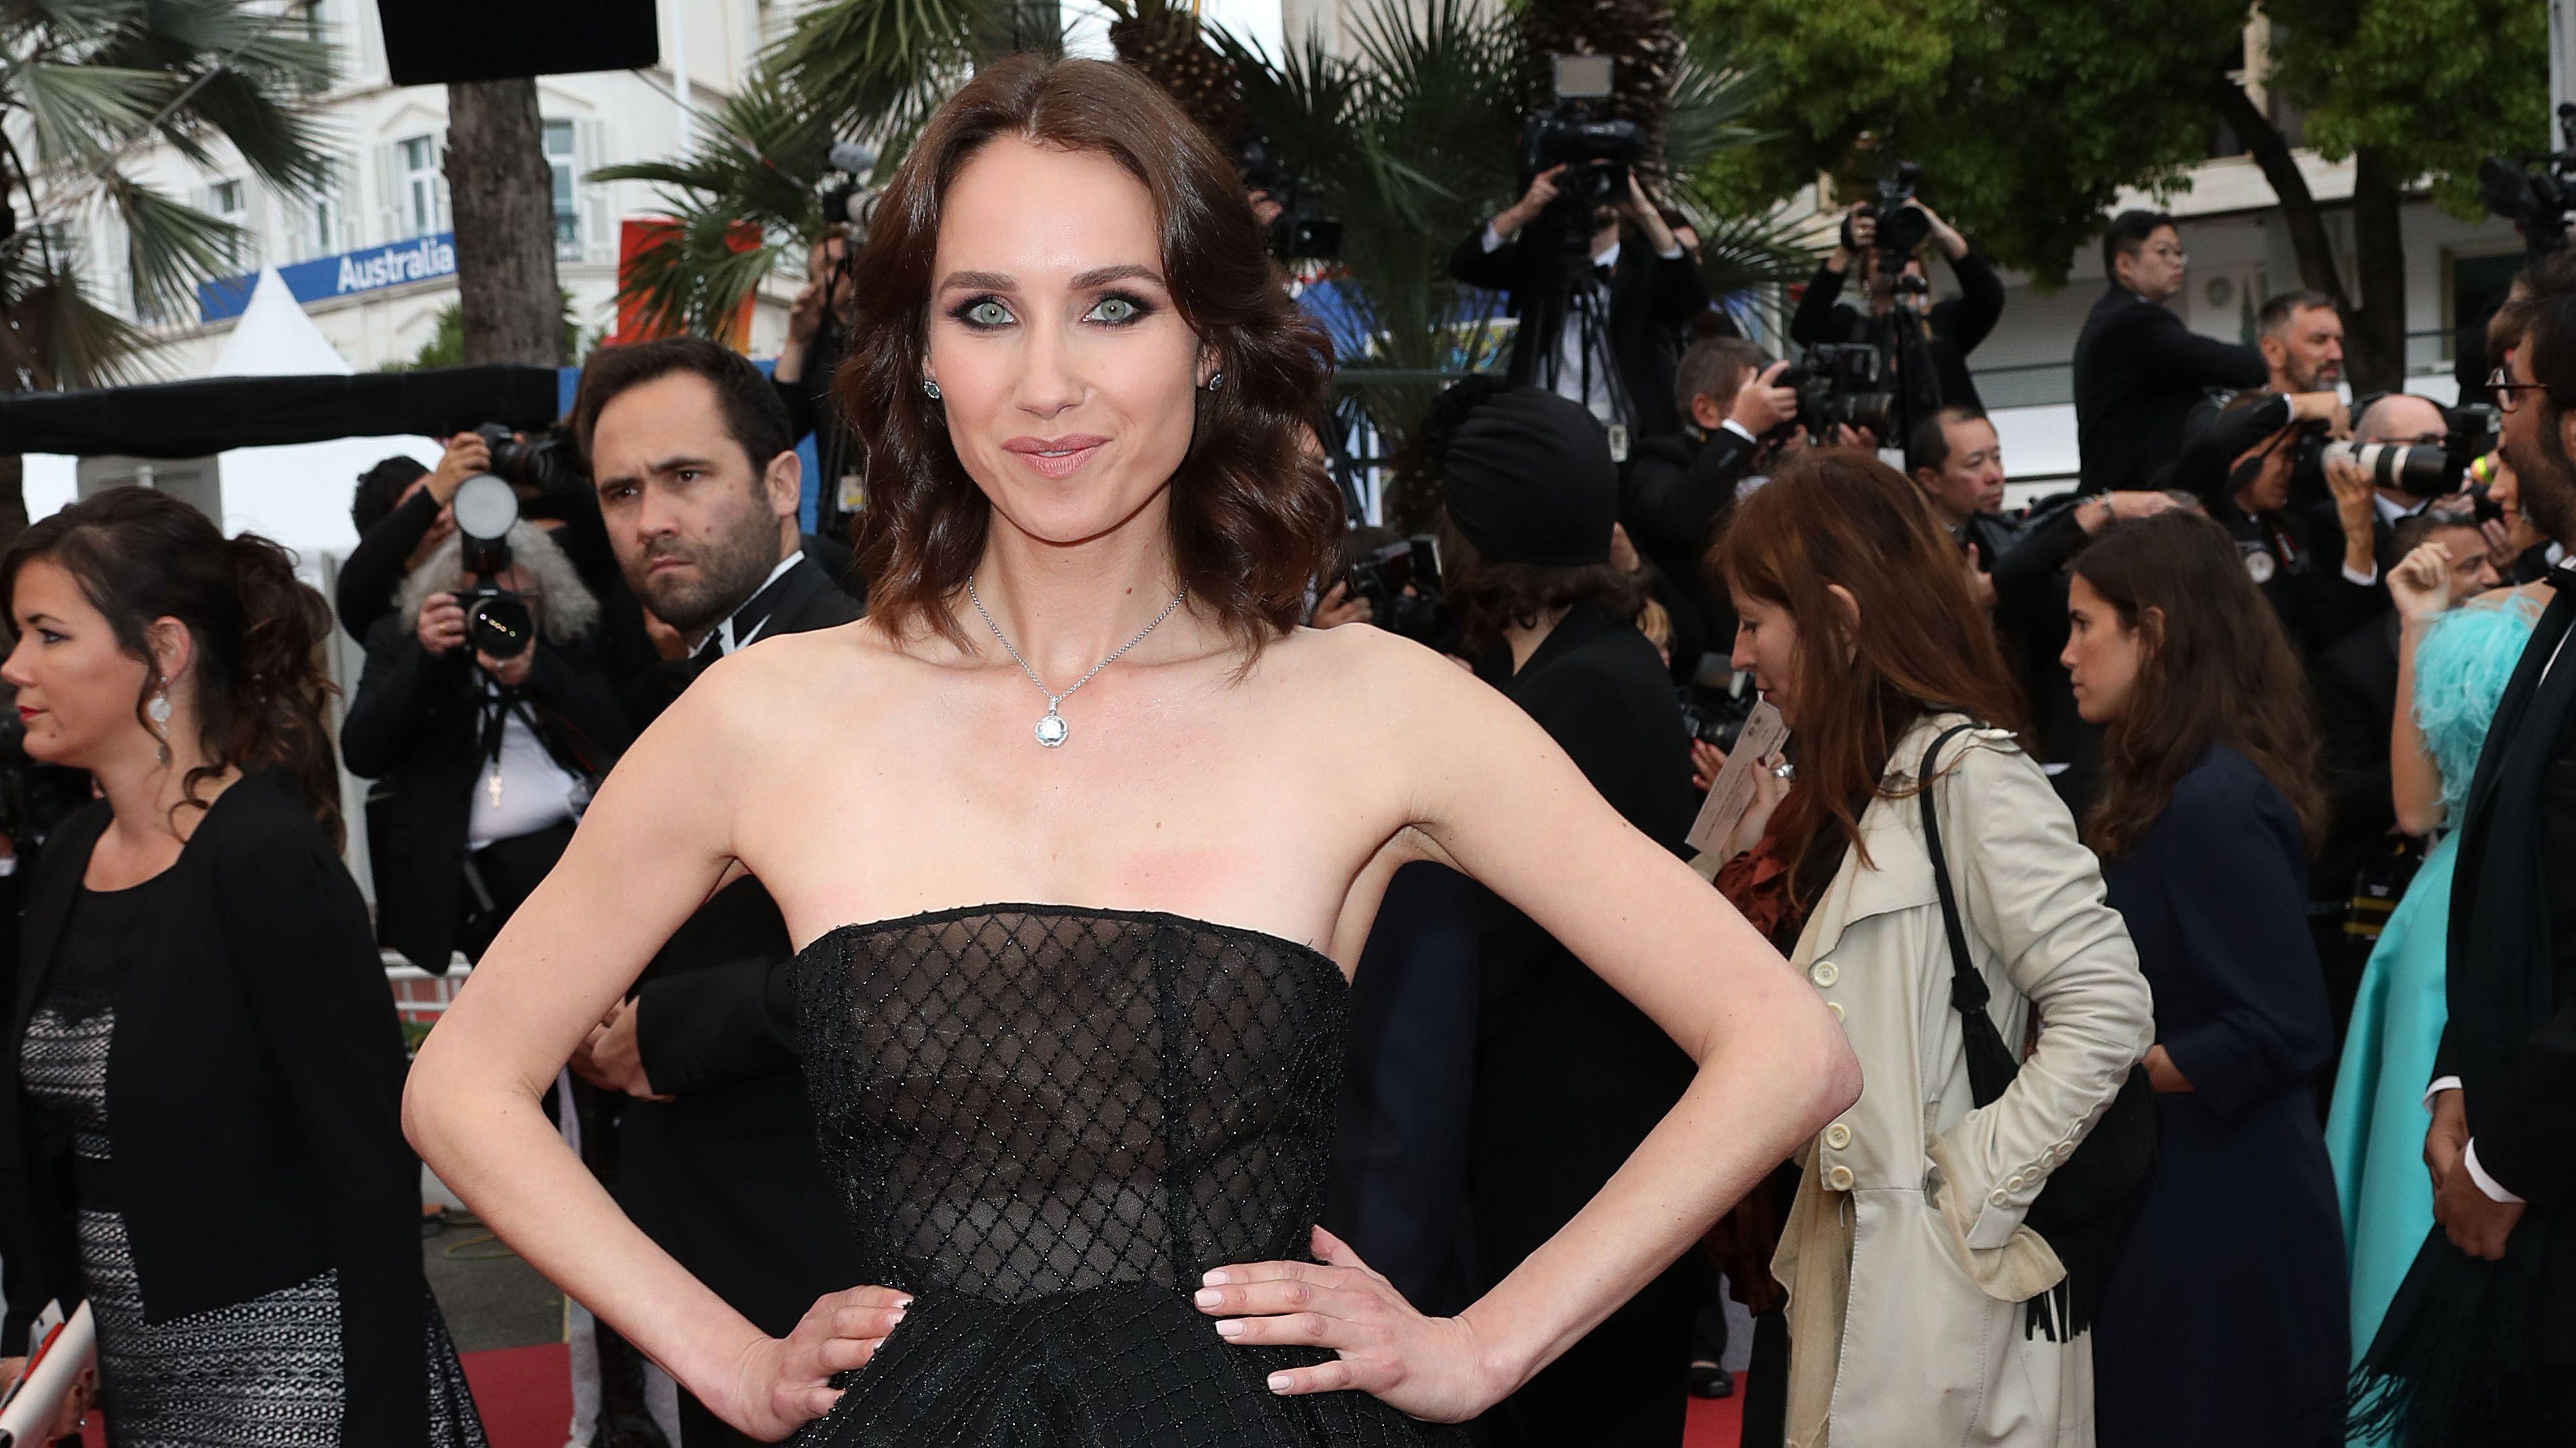 PHOTOS Cannes 2019 : le geste engagé de Sand Van Roy sur le tapis rouge